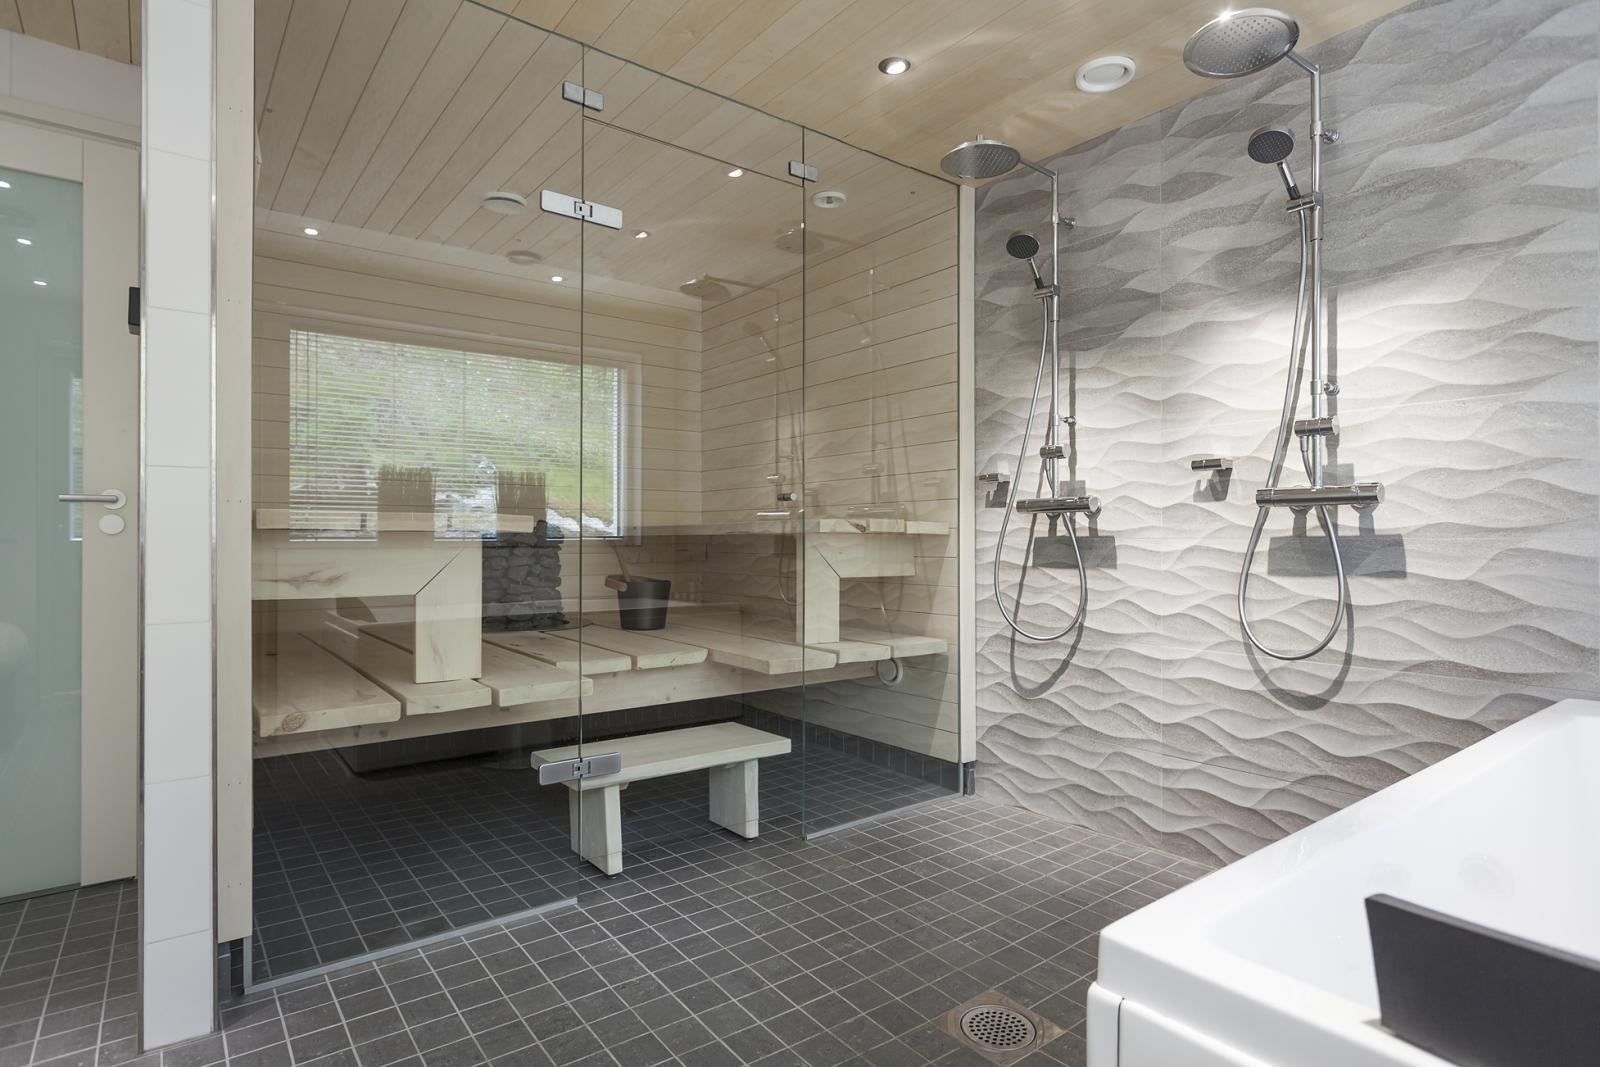 Moderni kylpyhuone, Etuovi.com Asunnot, 55d313b8e4b0c08a256326b7 - Etuovi.com Sisustus